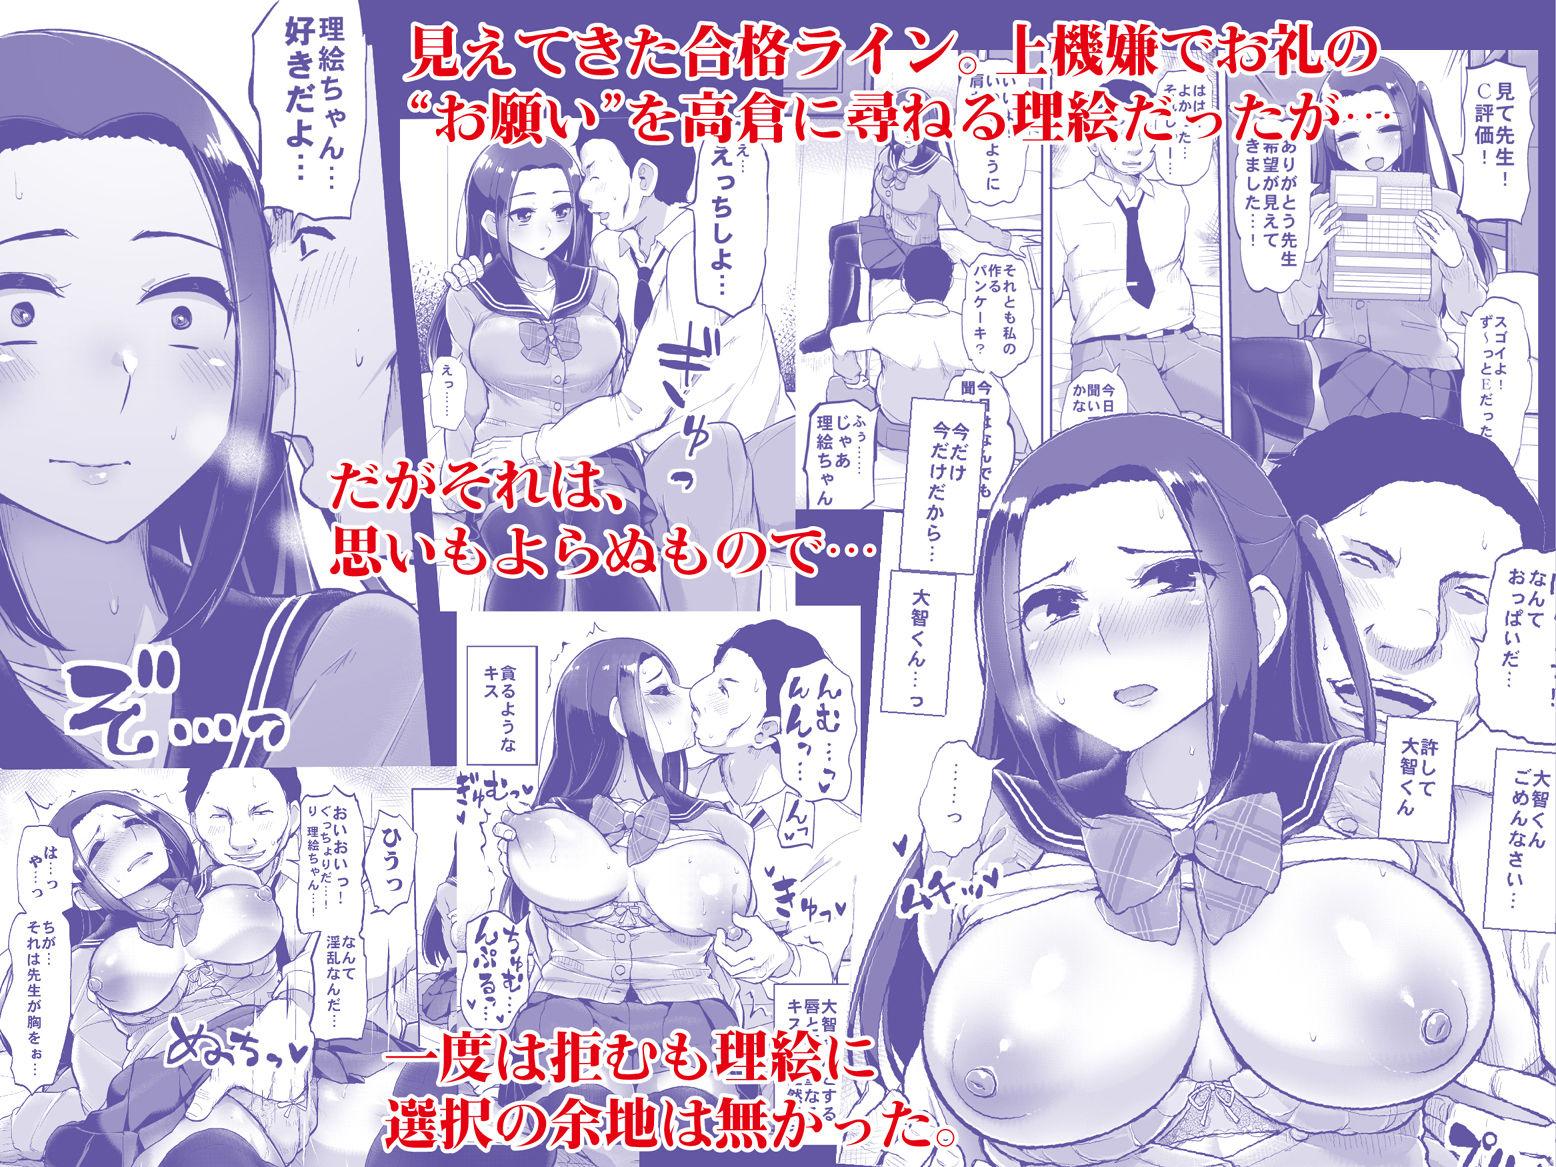 【エロ漫画無料大全集】彼氏と同じ大学にいけるようになると同時に家庭教師の性奴隷に調教されていくJK...